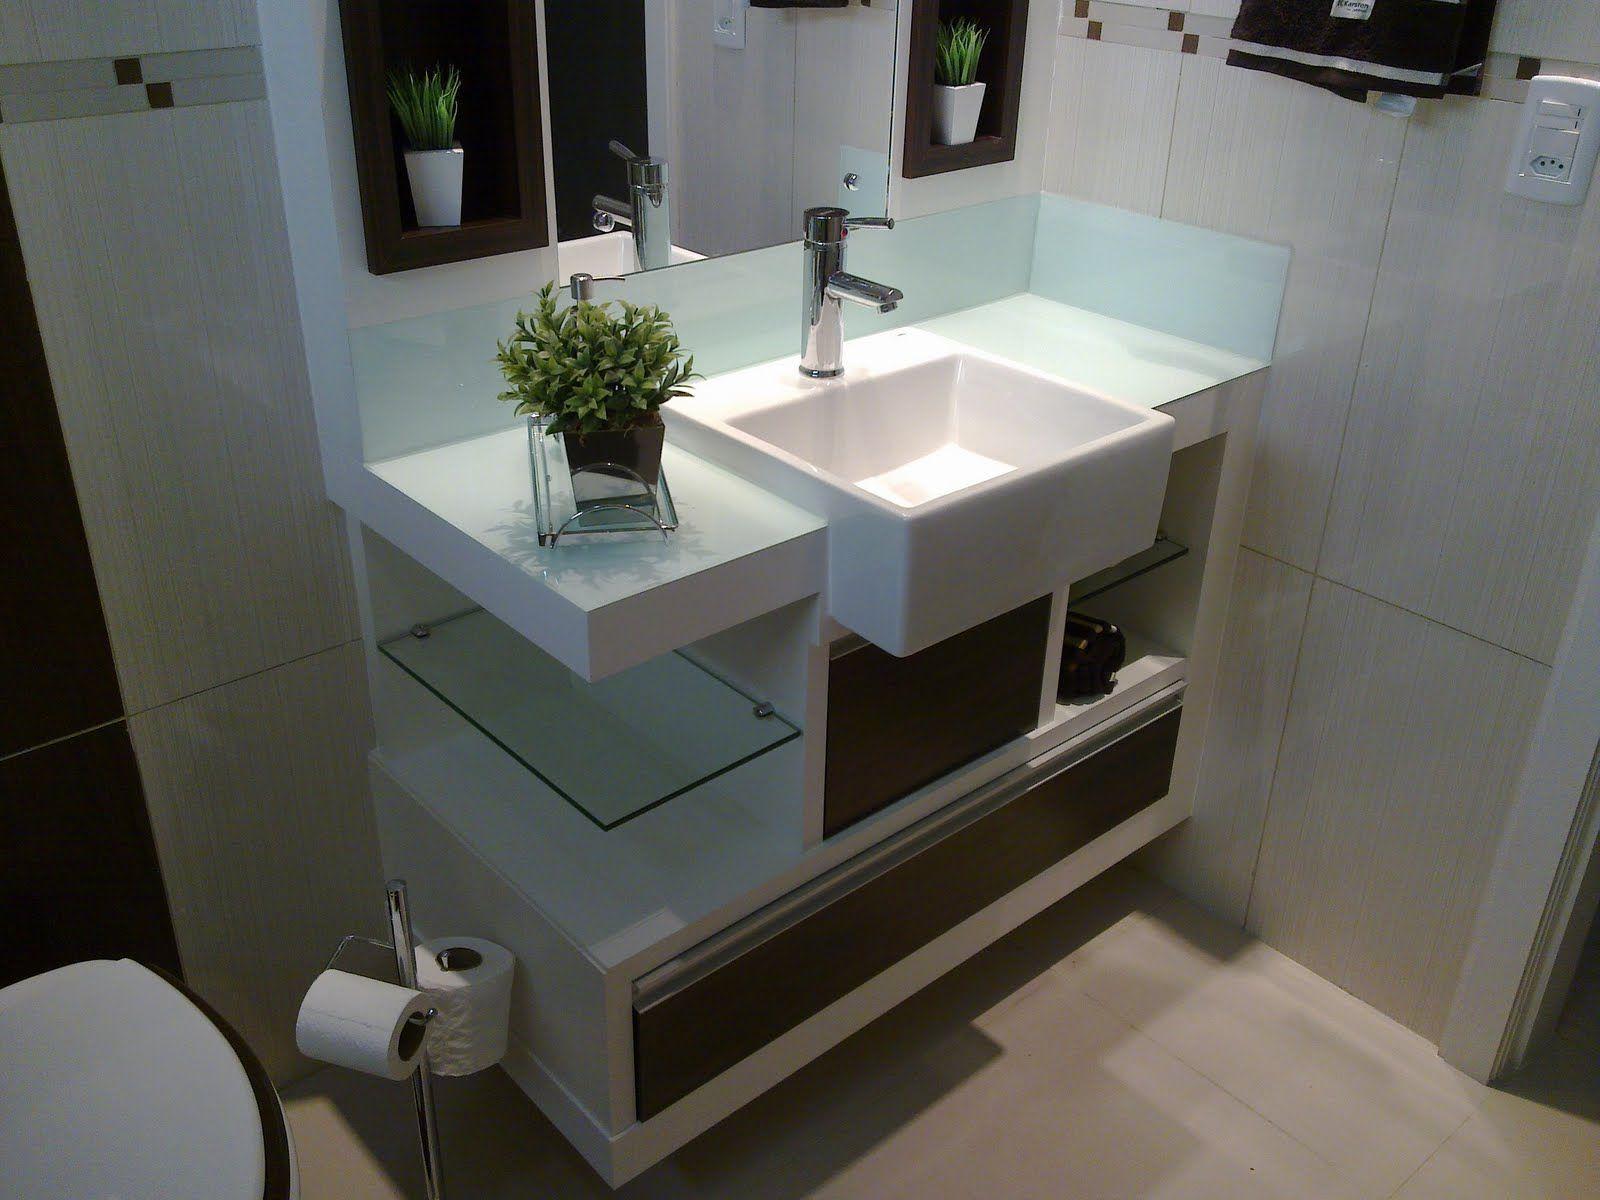 armario de banheiro pequeno planejado  Pesquisa Google  Banheiros  Pintere # Gabinete De Banheiro Pequeno Dicico